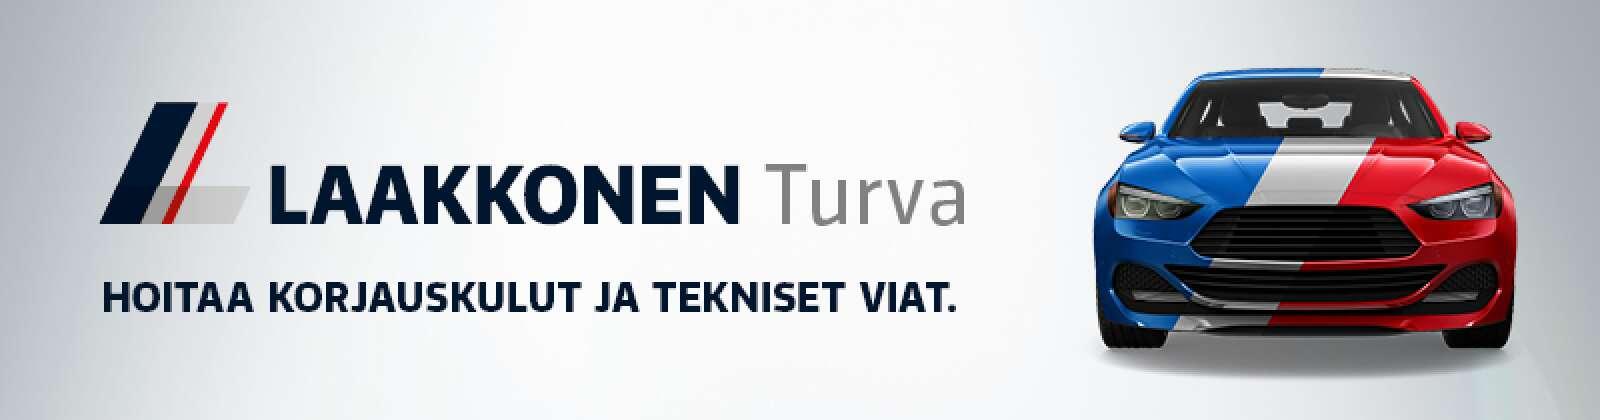 Laakkonen Turva hoitaa korjauskulut ja tekniset viat.